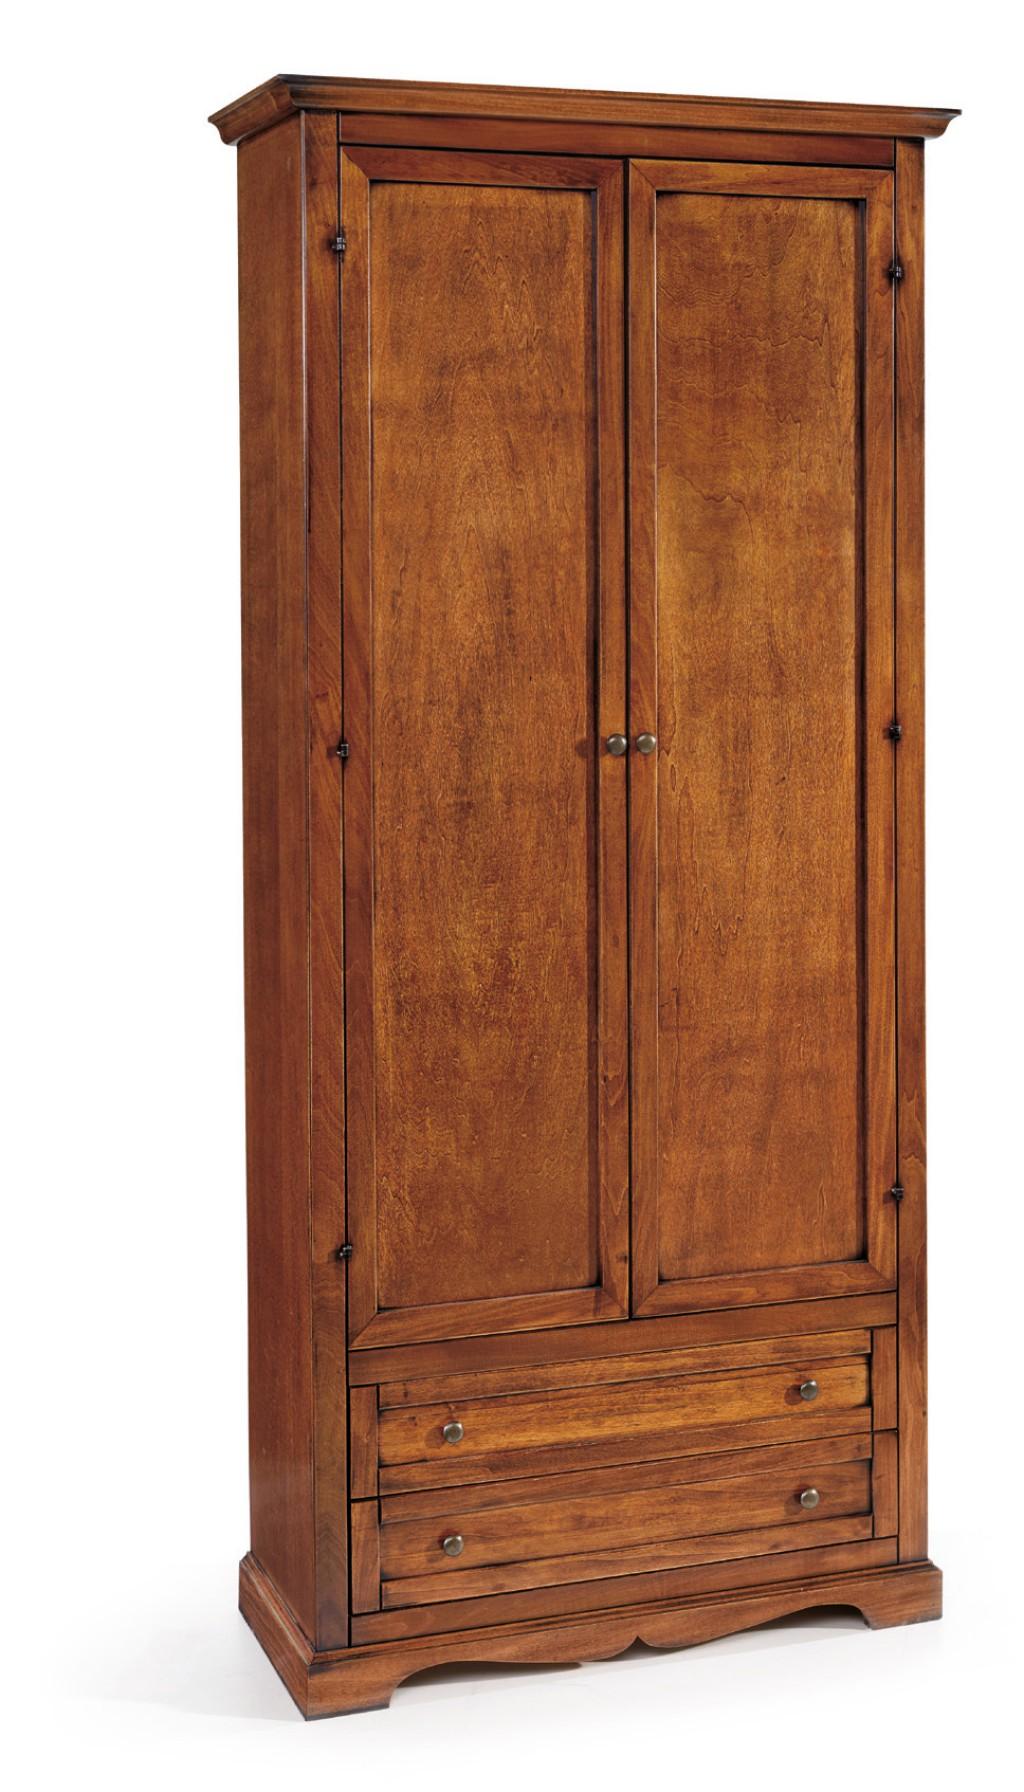 Armadio classico et517 cucine mobili di qualit al giusto prezzo milano monza brianza - Bonus mobili iva ...